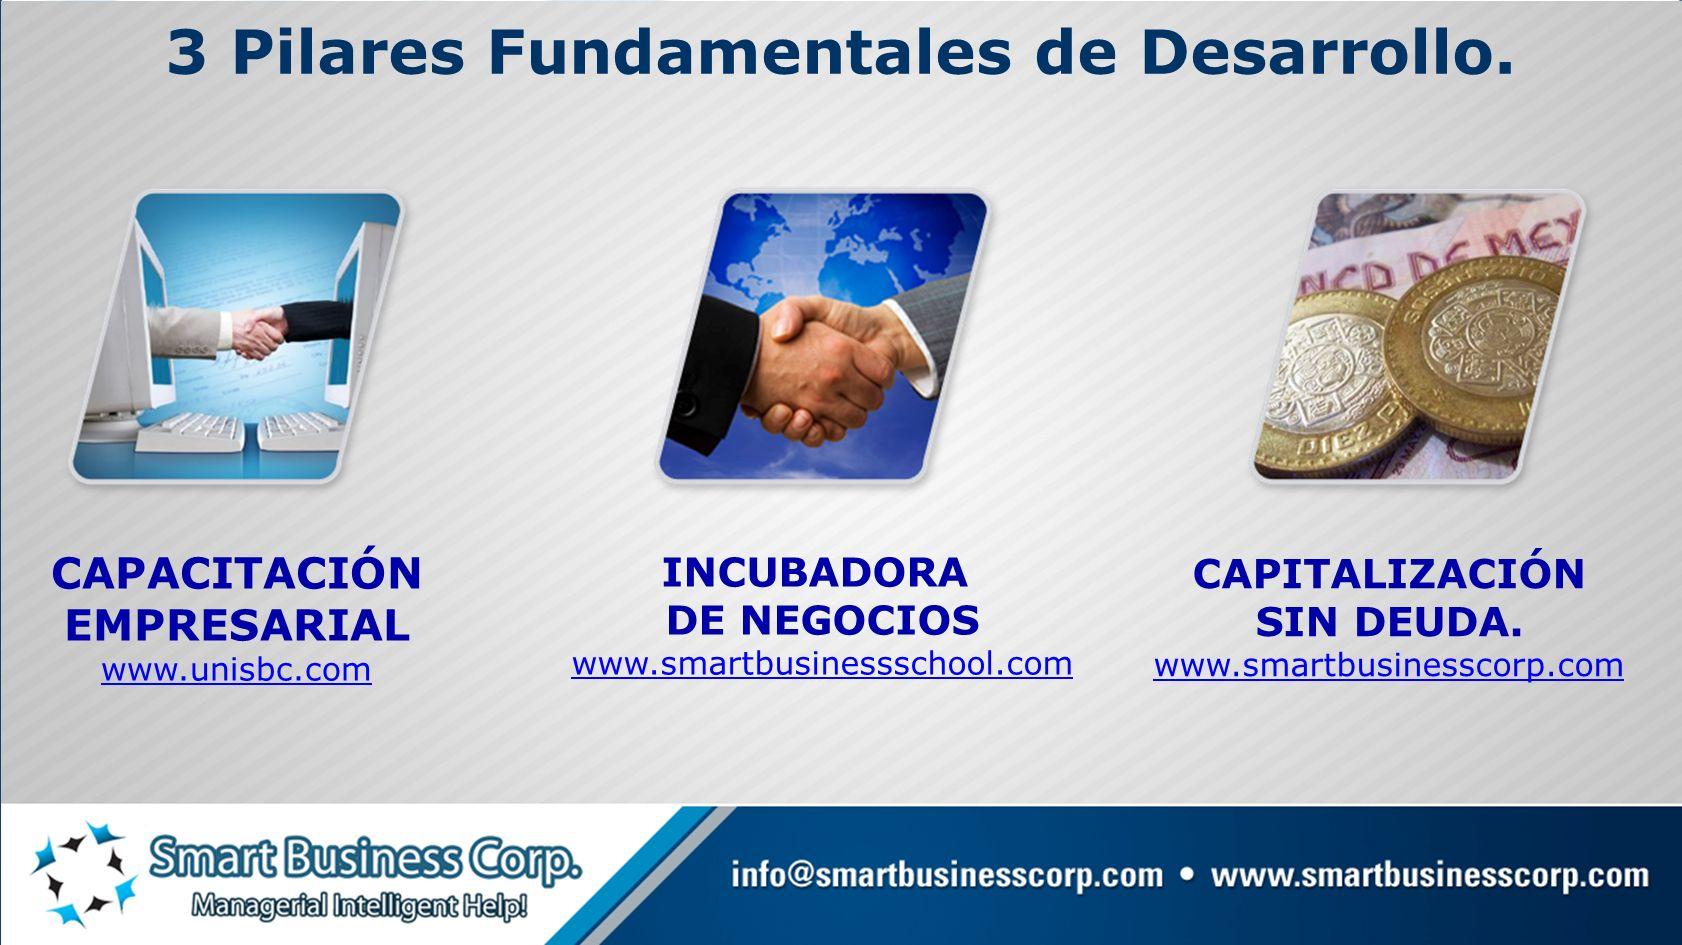 CAPITALIZACIÓN SIN DEUDA. www.smartbusinesscorp.com 3 Pilares Fundamentales de Desarrollo. CAPACITACIÓN EMPRESARIAL www.unisbc.com INCUBADORA DE NEGOC